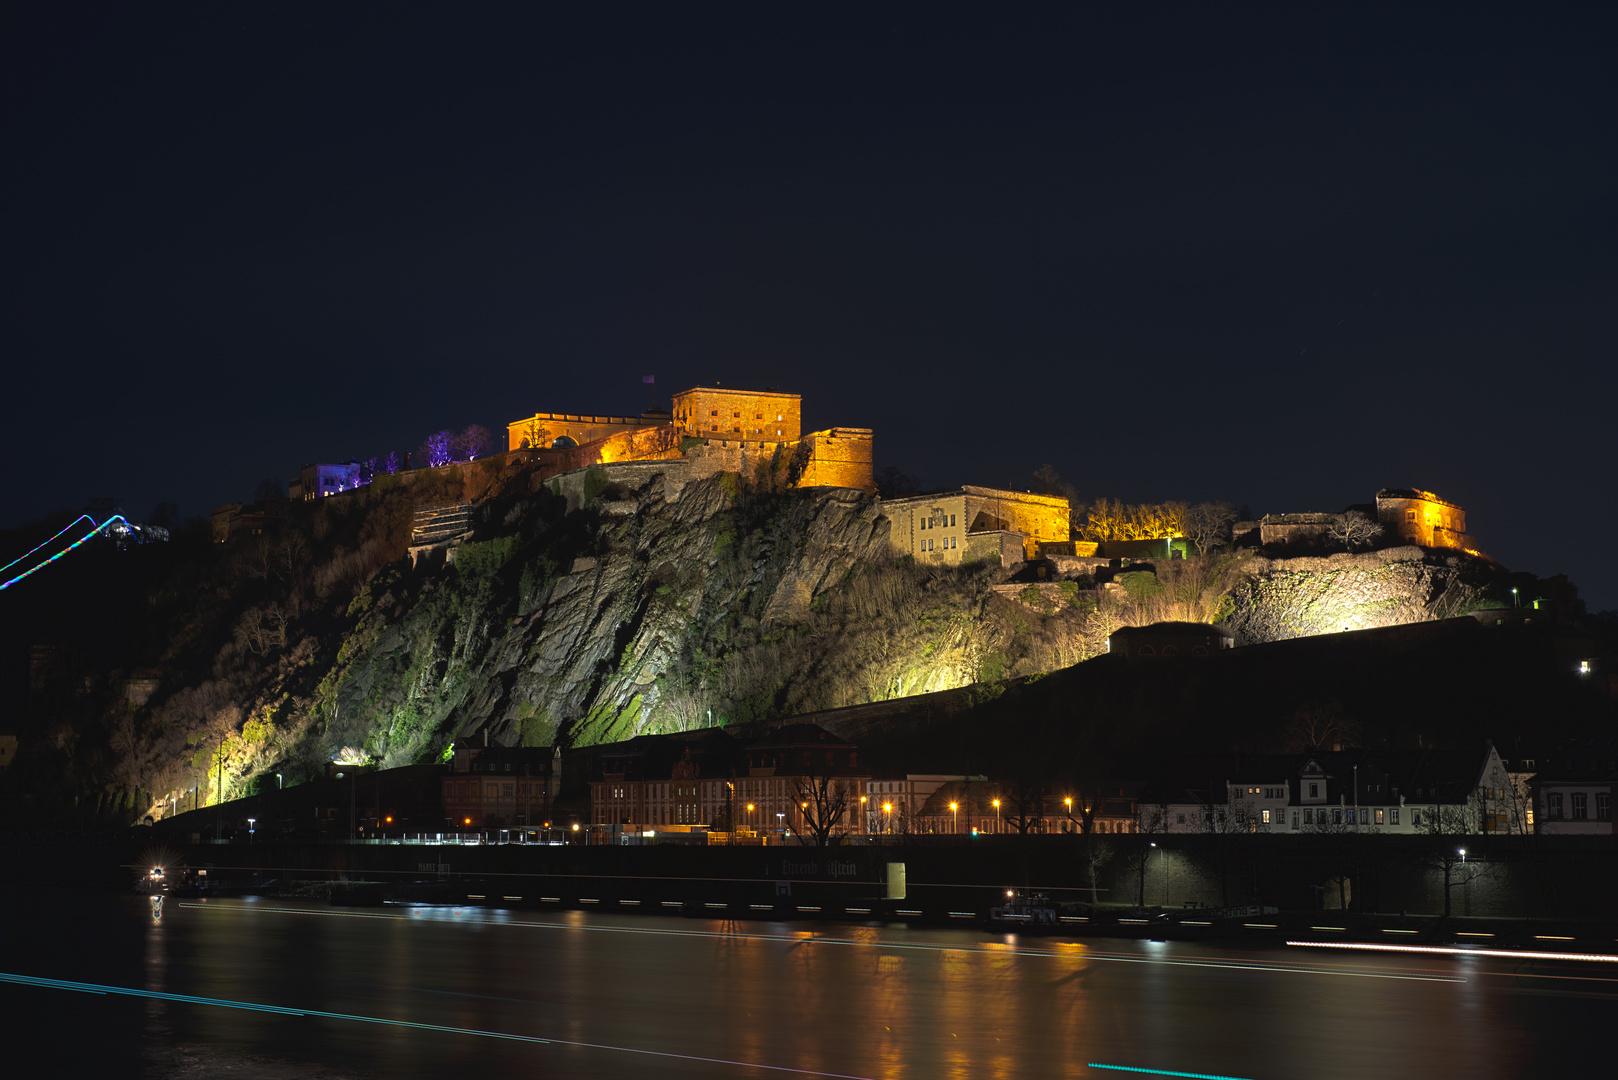 Festungsleuchten auf dem Ehrenbreitstein März 2013